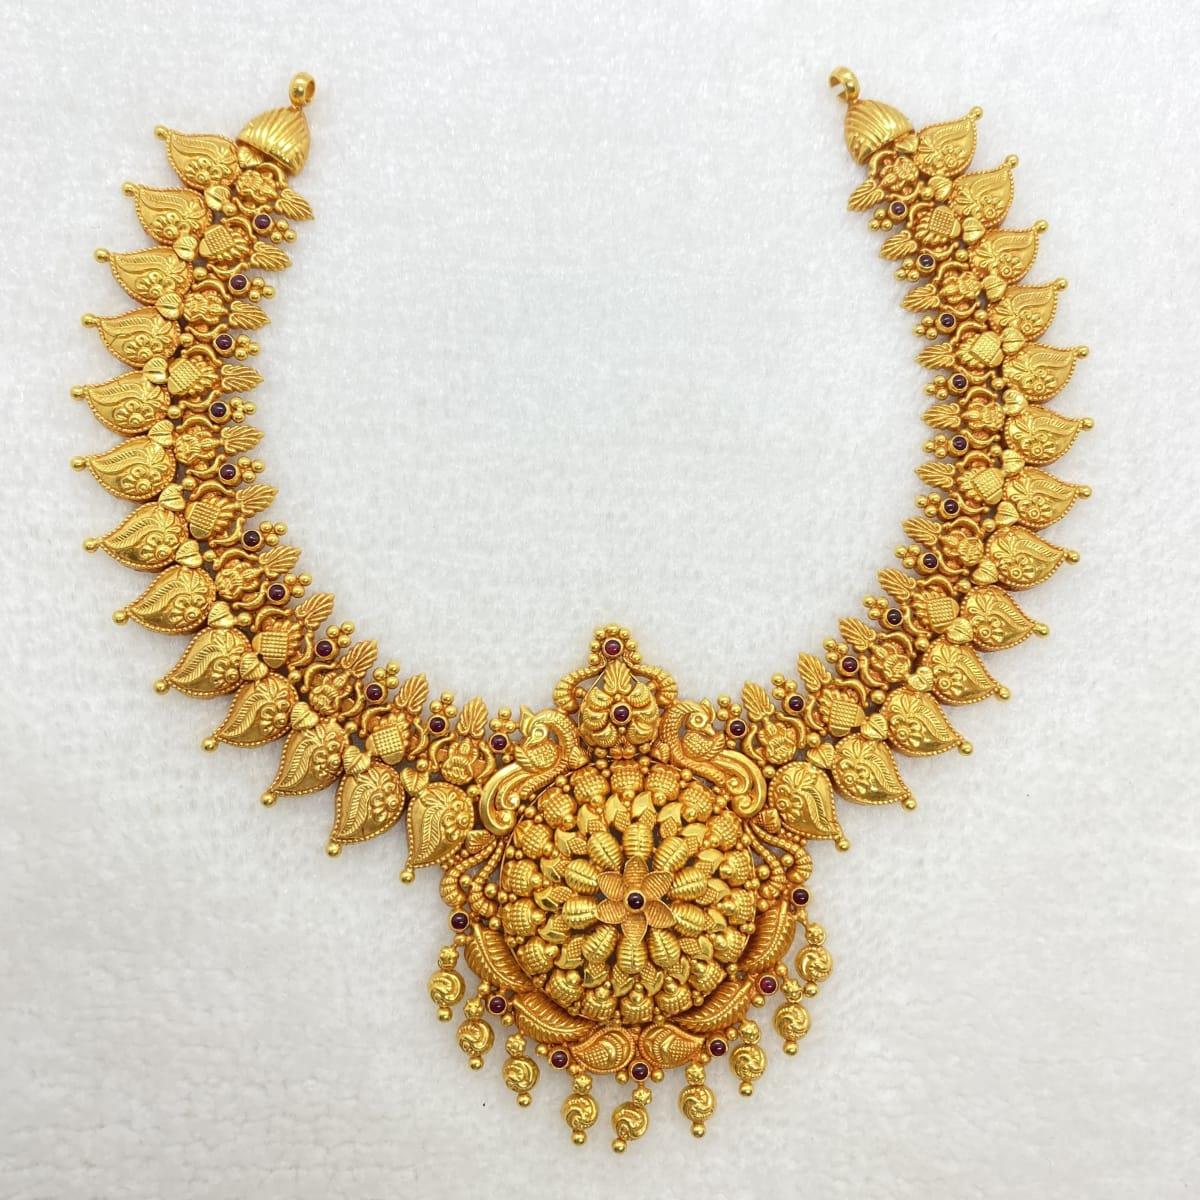 Fancy Antique Flower Design Necklace Gj0021